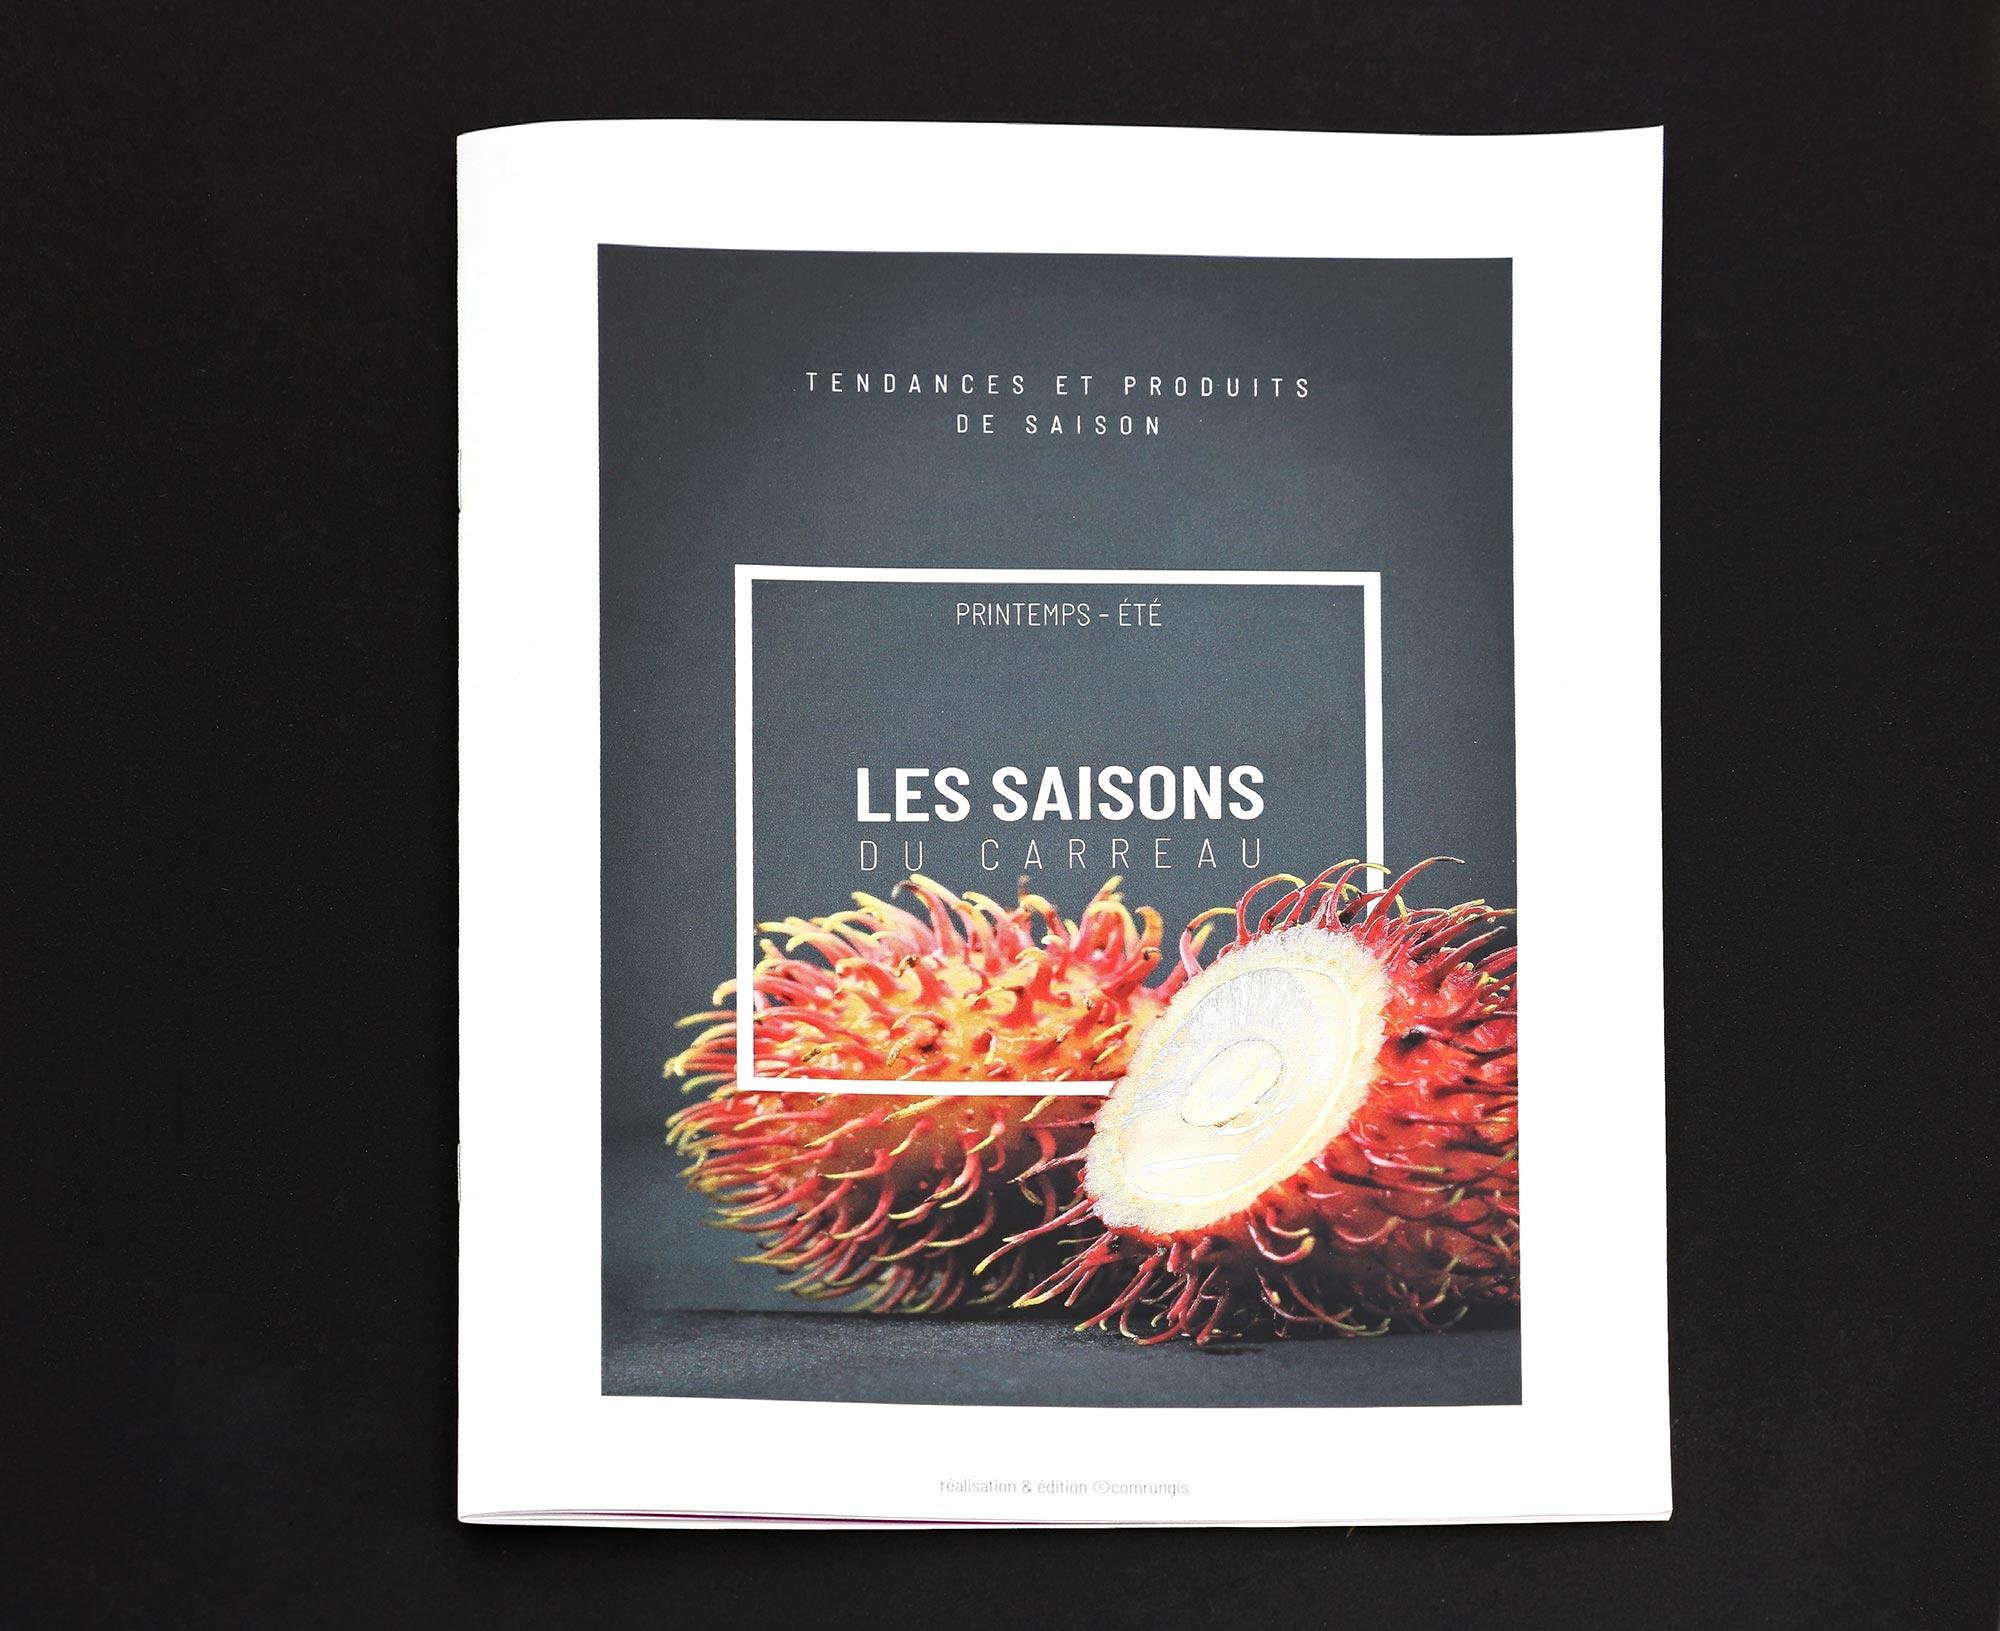 Saisons du carreau printemps/été 2019